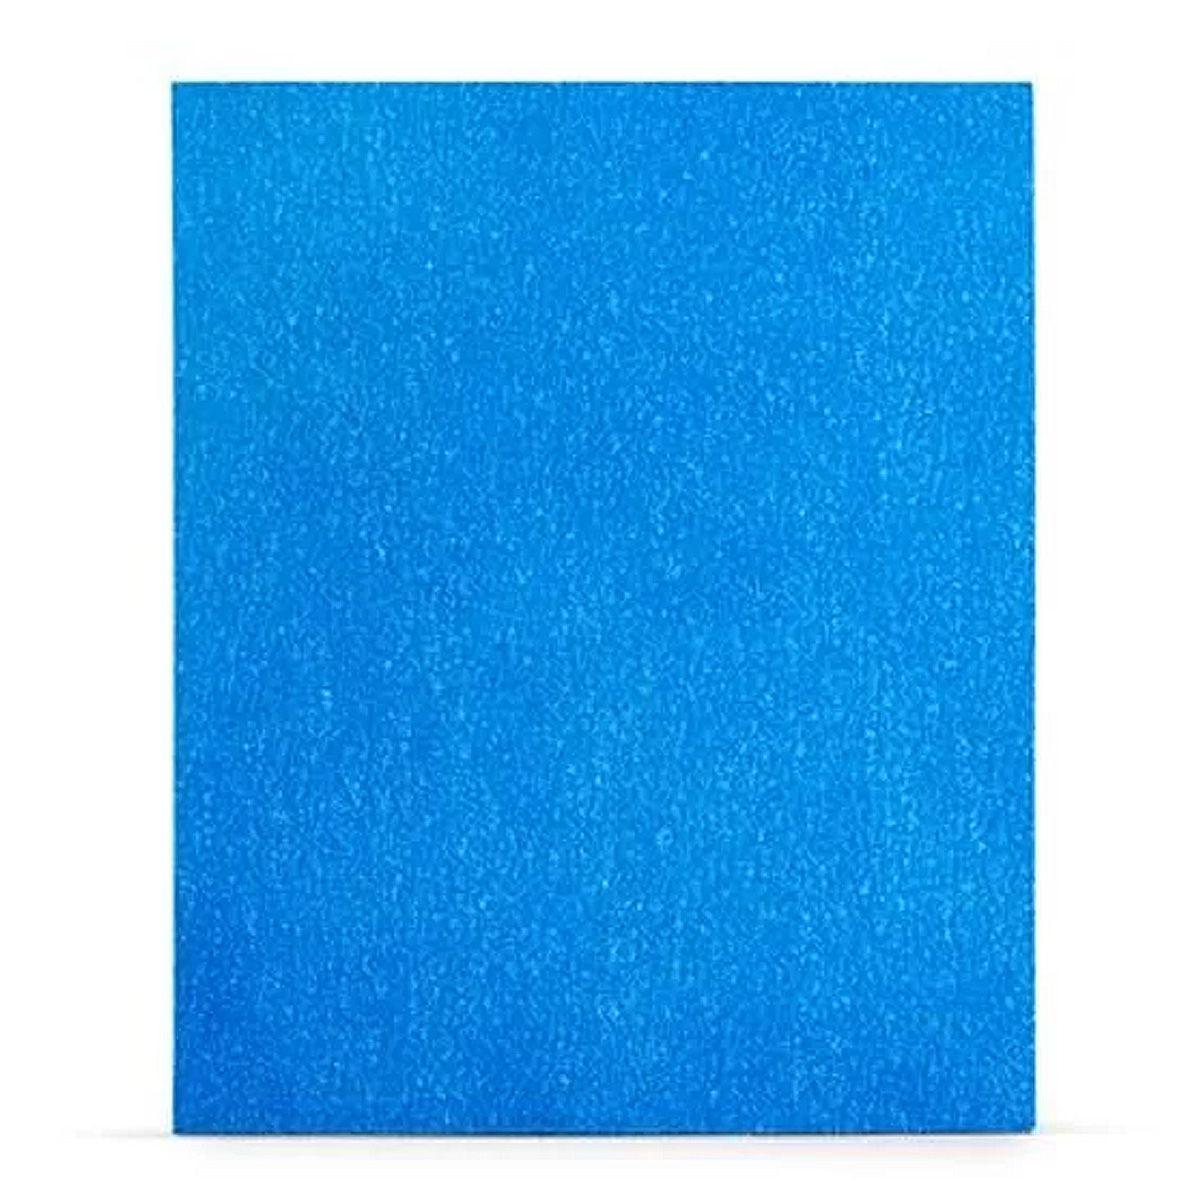 Lixa a Seco 338U Blue 400 225X275mm Unidade 3M